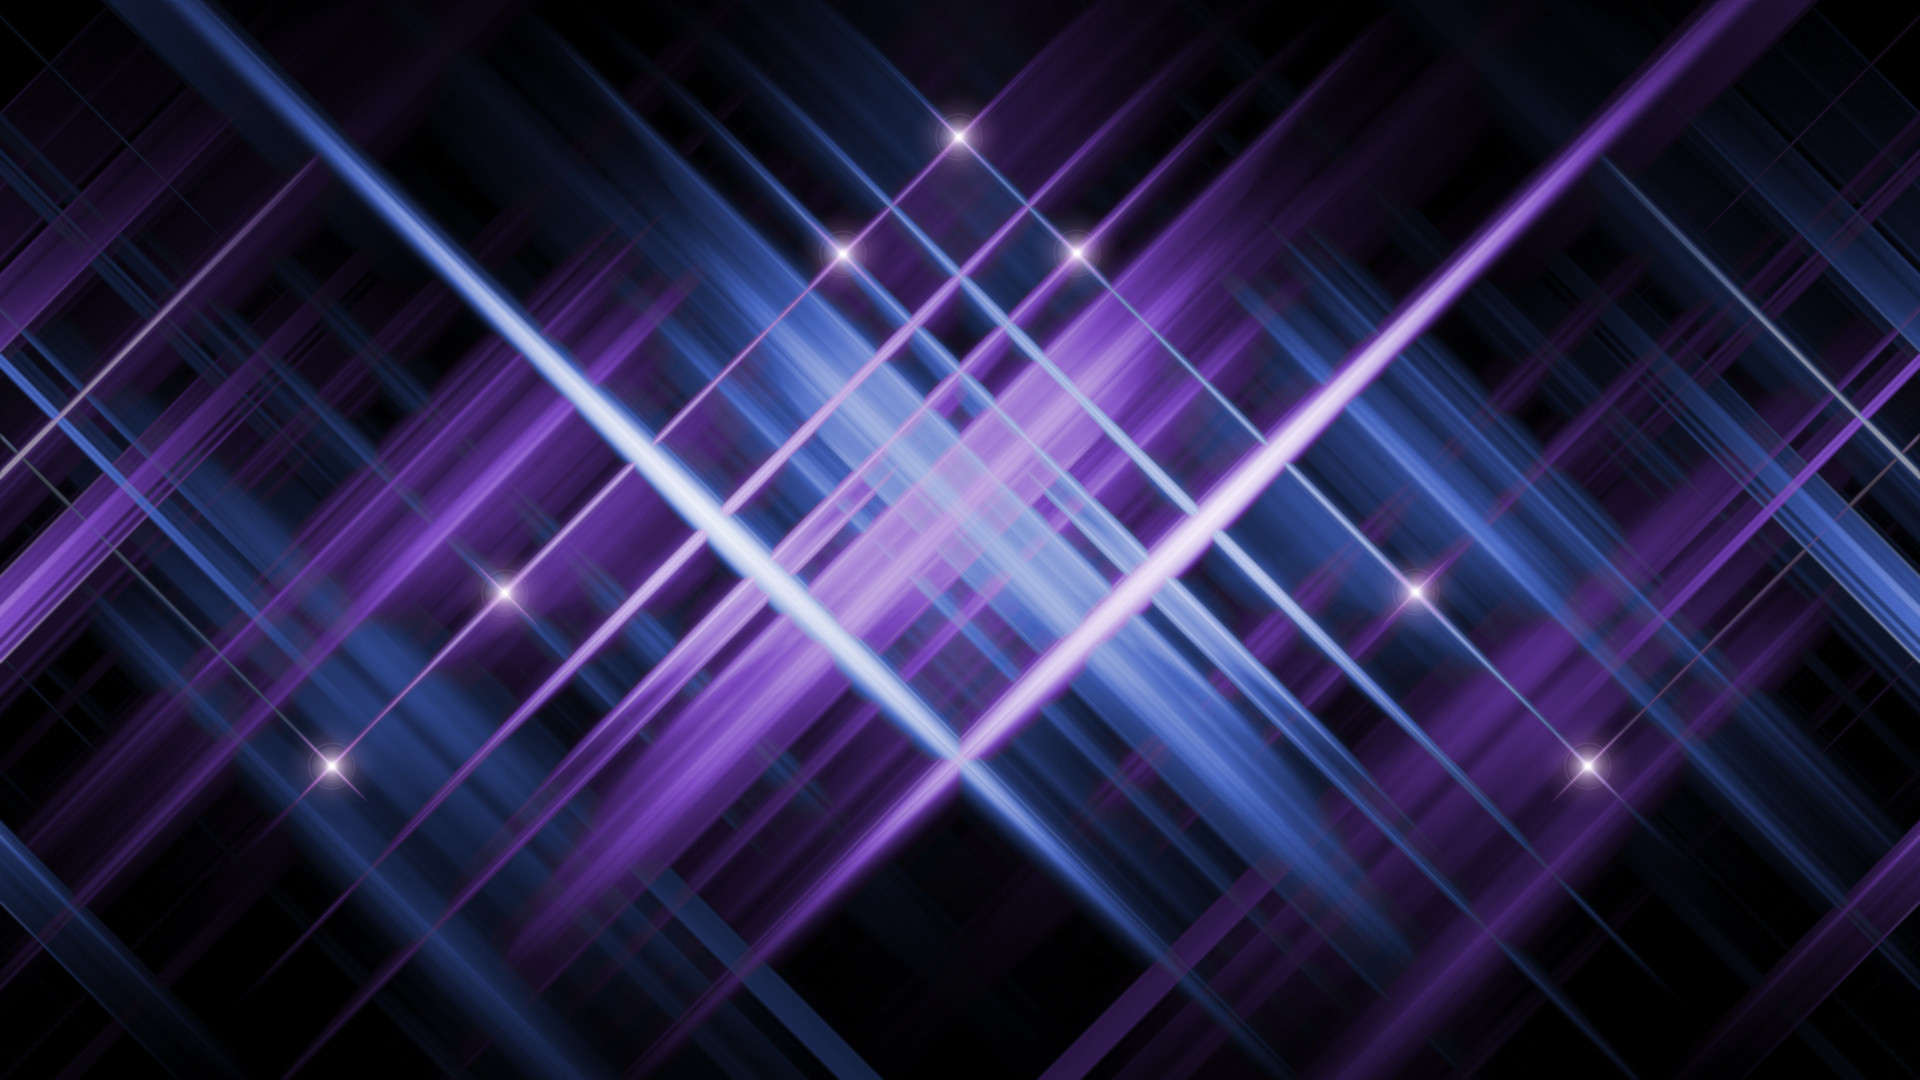 purple, dark background, blue, glow, Star